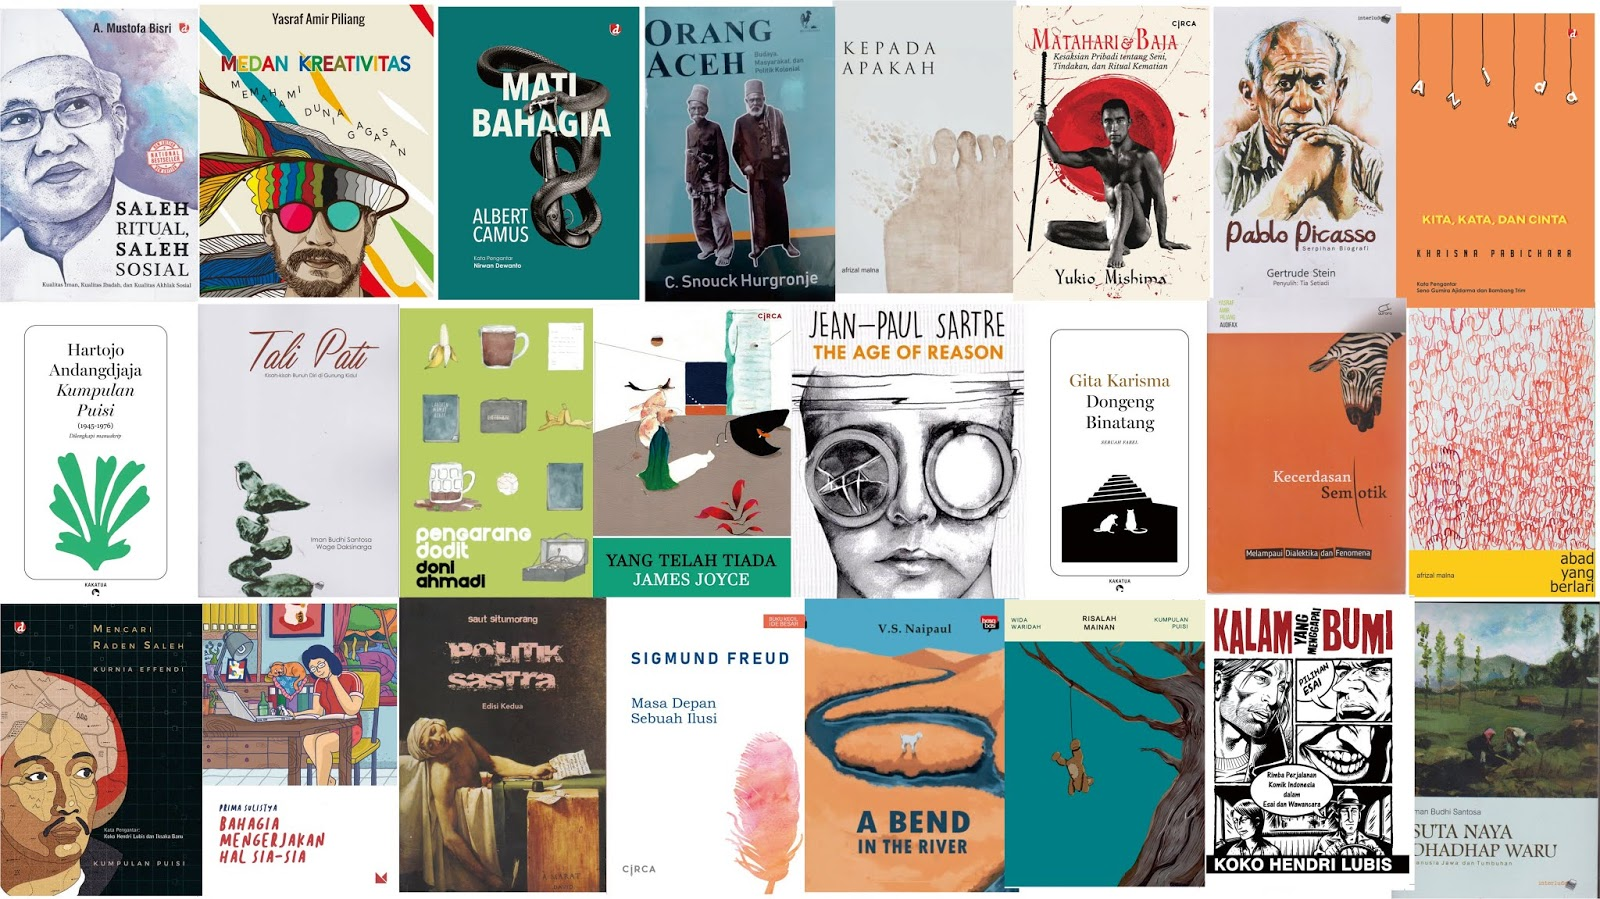 Berikut adalah katalog buku sastra bulan maret 2019 yang sudah bisa dipesan  dari sekarang. Silahkan pesan darui sekarang. Wa saja ke 0818 0271 7528 d52692ab27